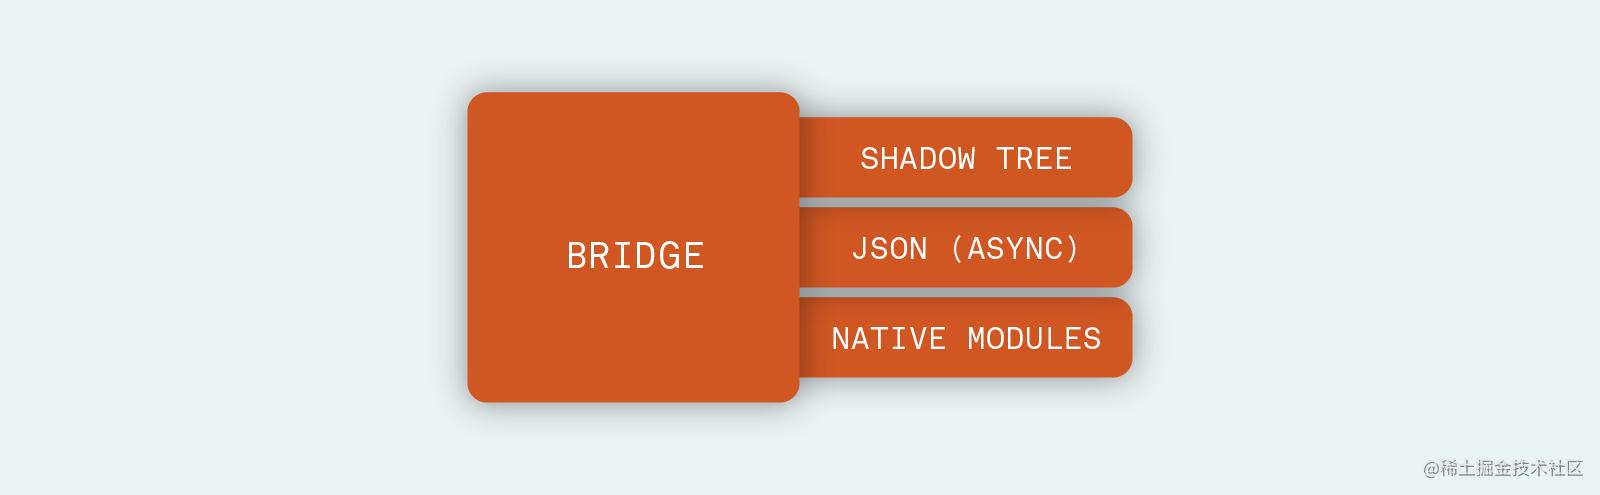 RN-bridge